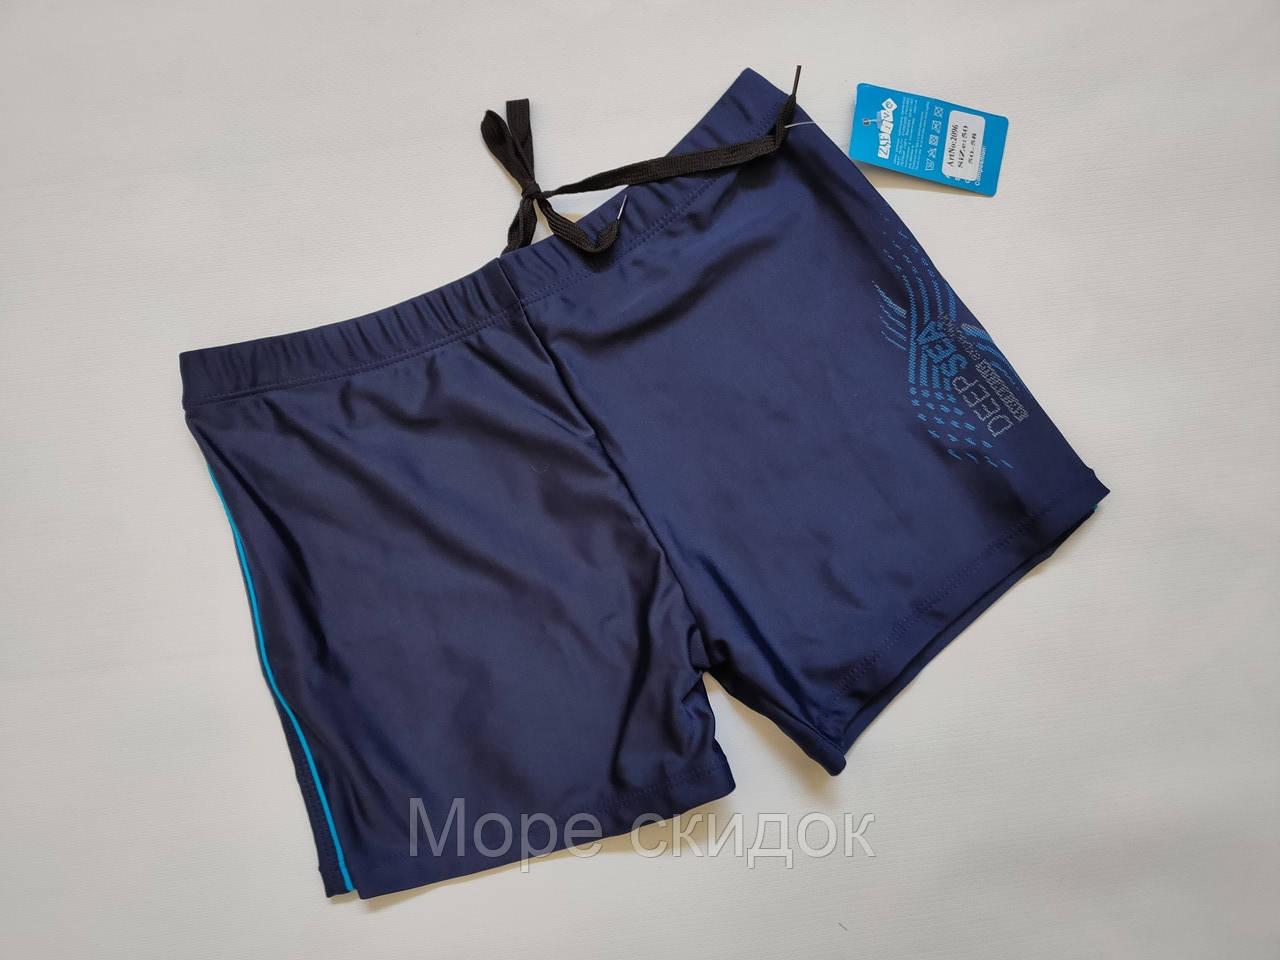 Шорты-плавки мужские SAME GAME синий 2096 (в наличии   50 52 54 56 58   размеры)